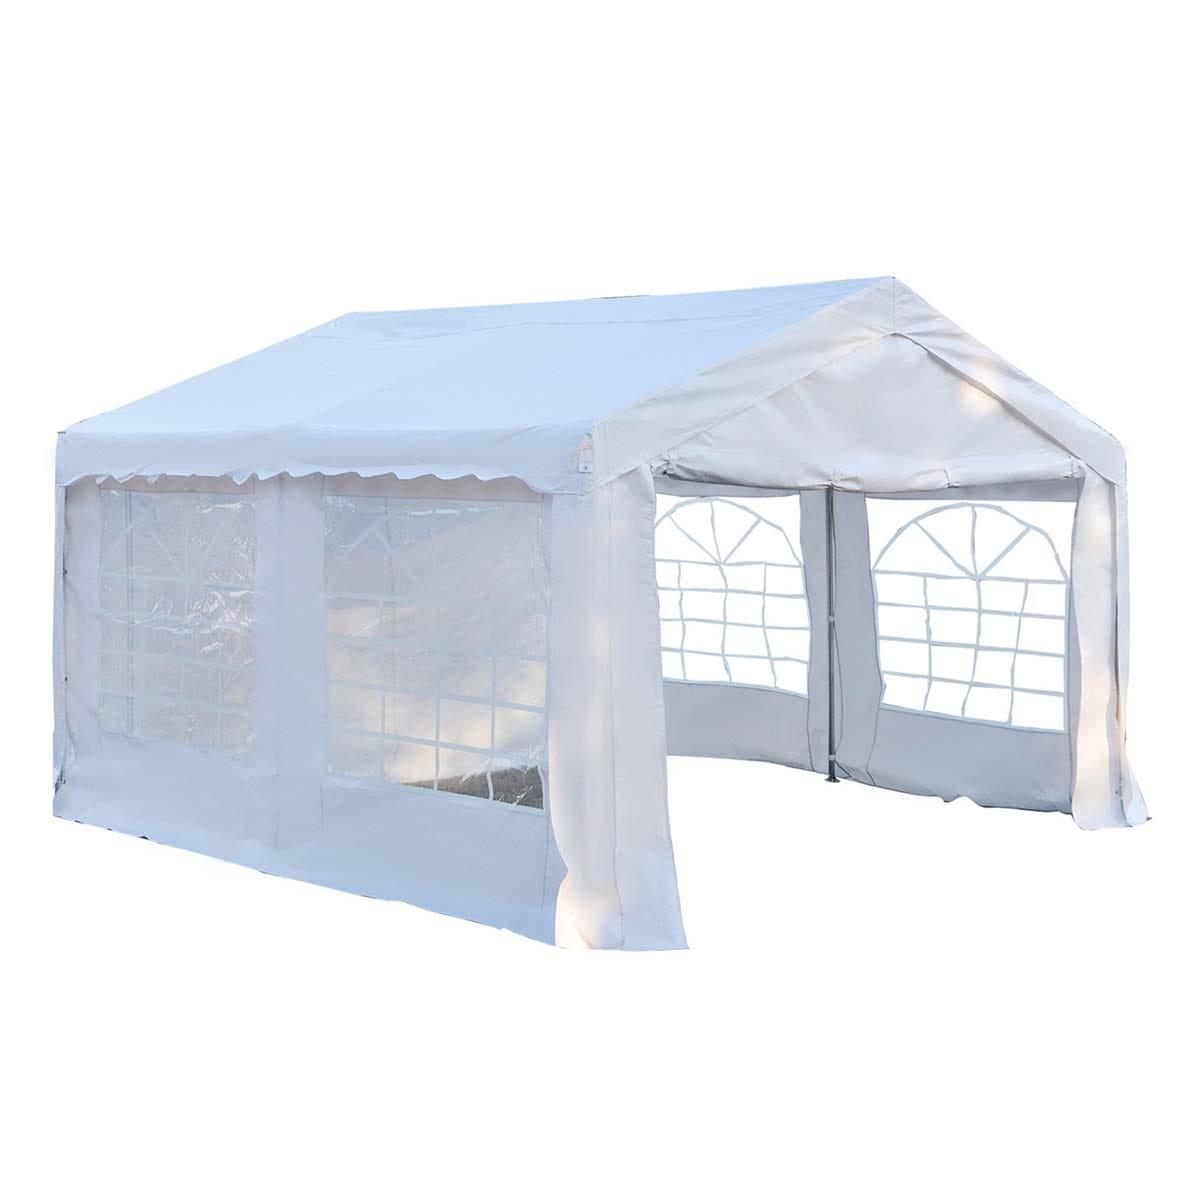 Outsunny 4 x 4m Garden Gazebo with Sides - White